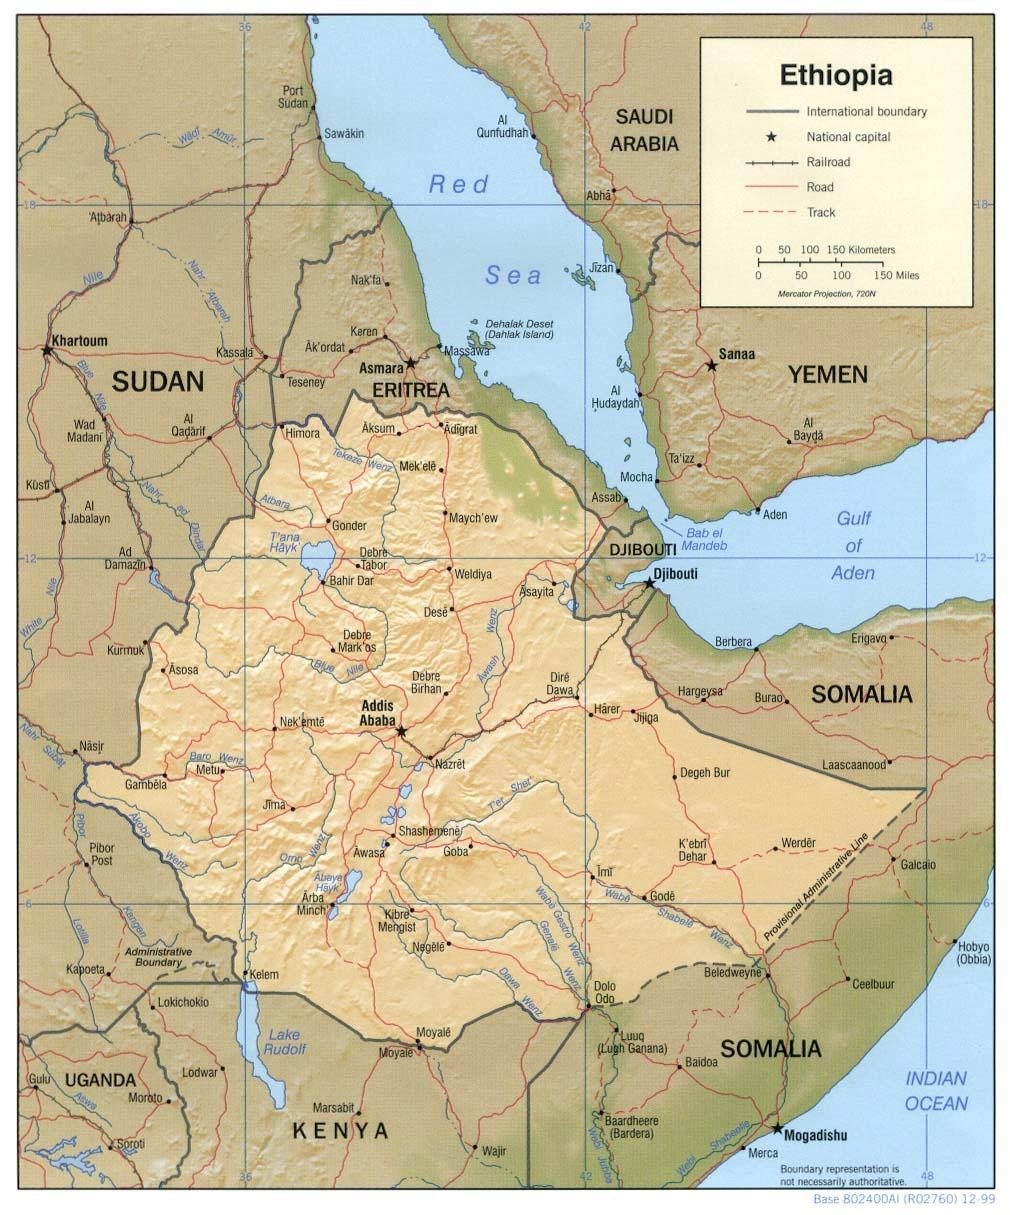 La risposta dell'Etiopia al Coronavirus: ampliare lo spazio geopolitico